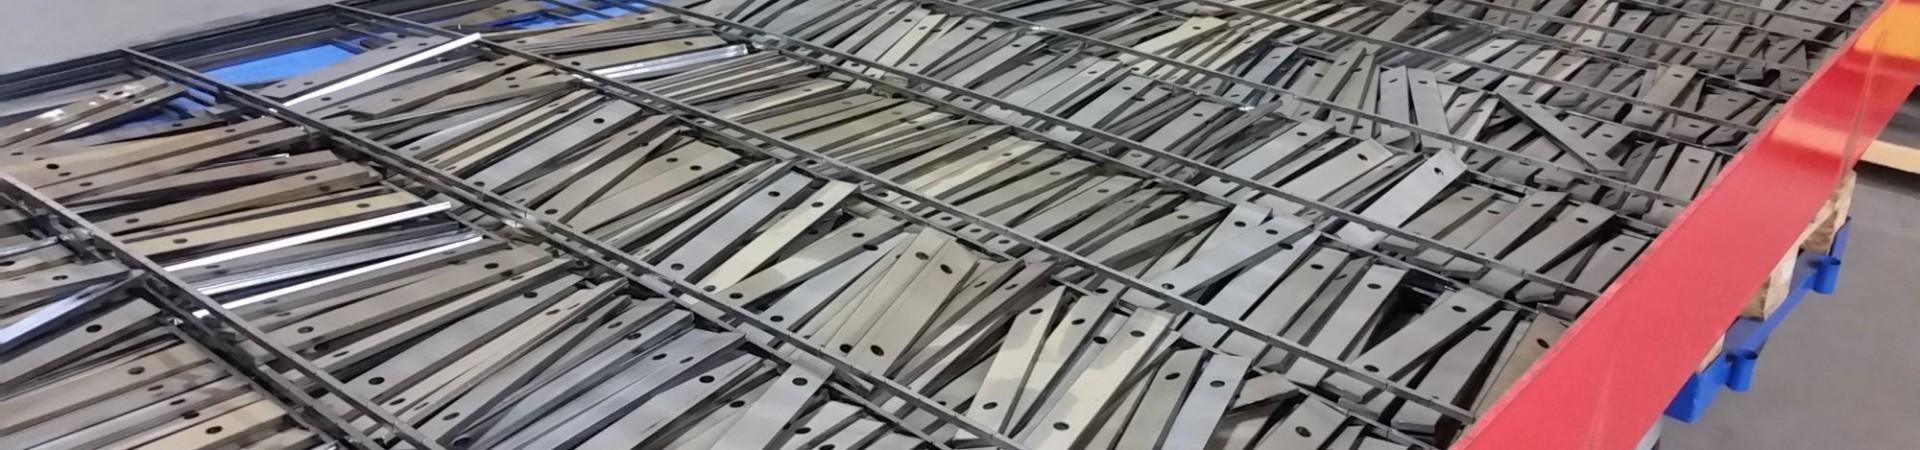 Laserteile aus Stahl